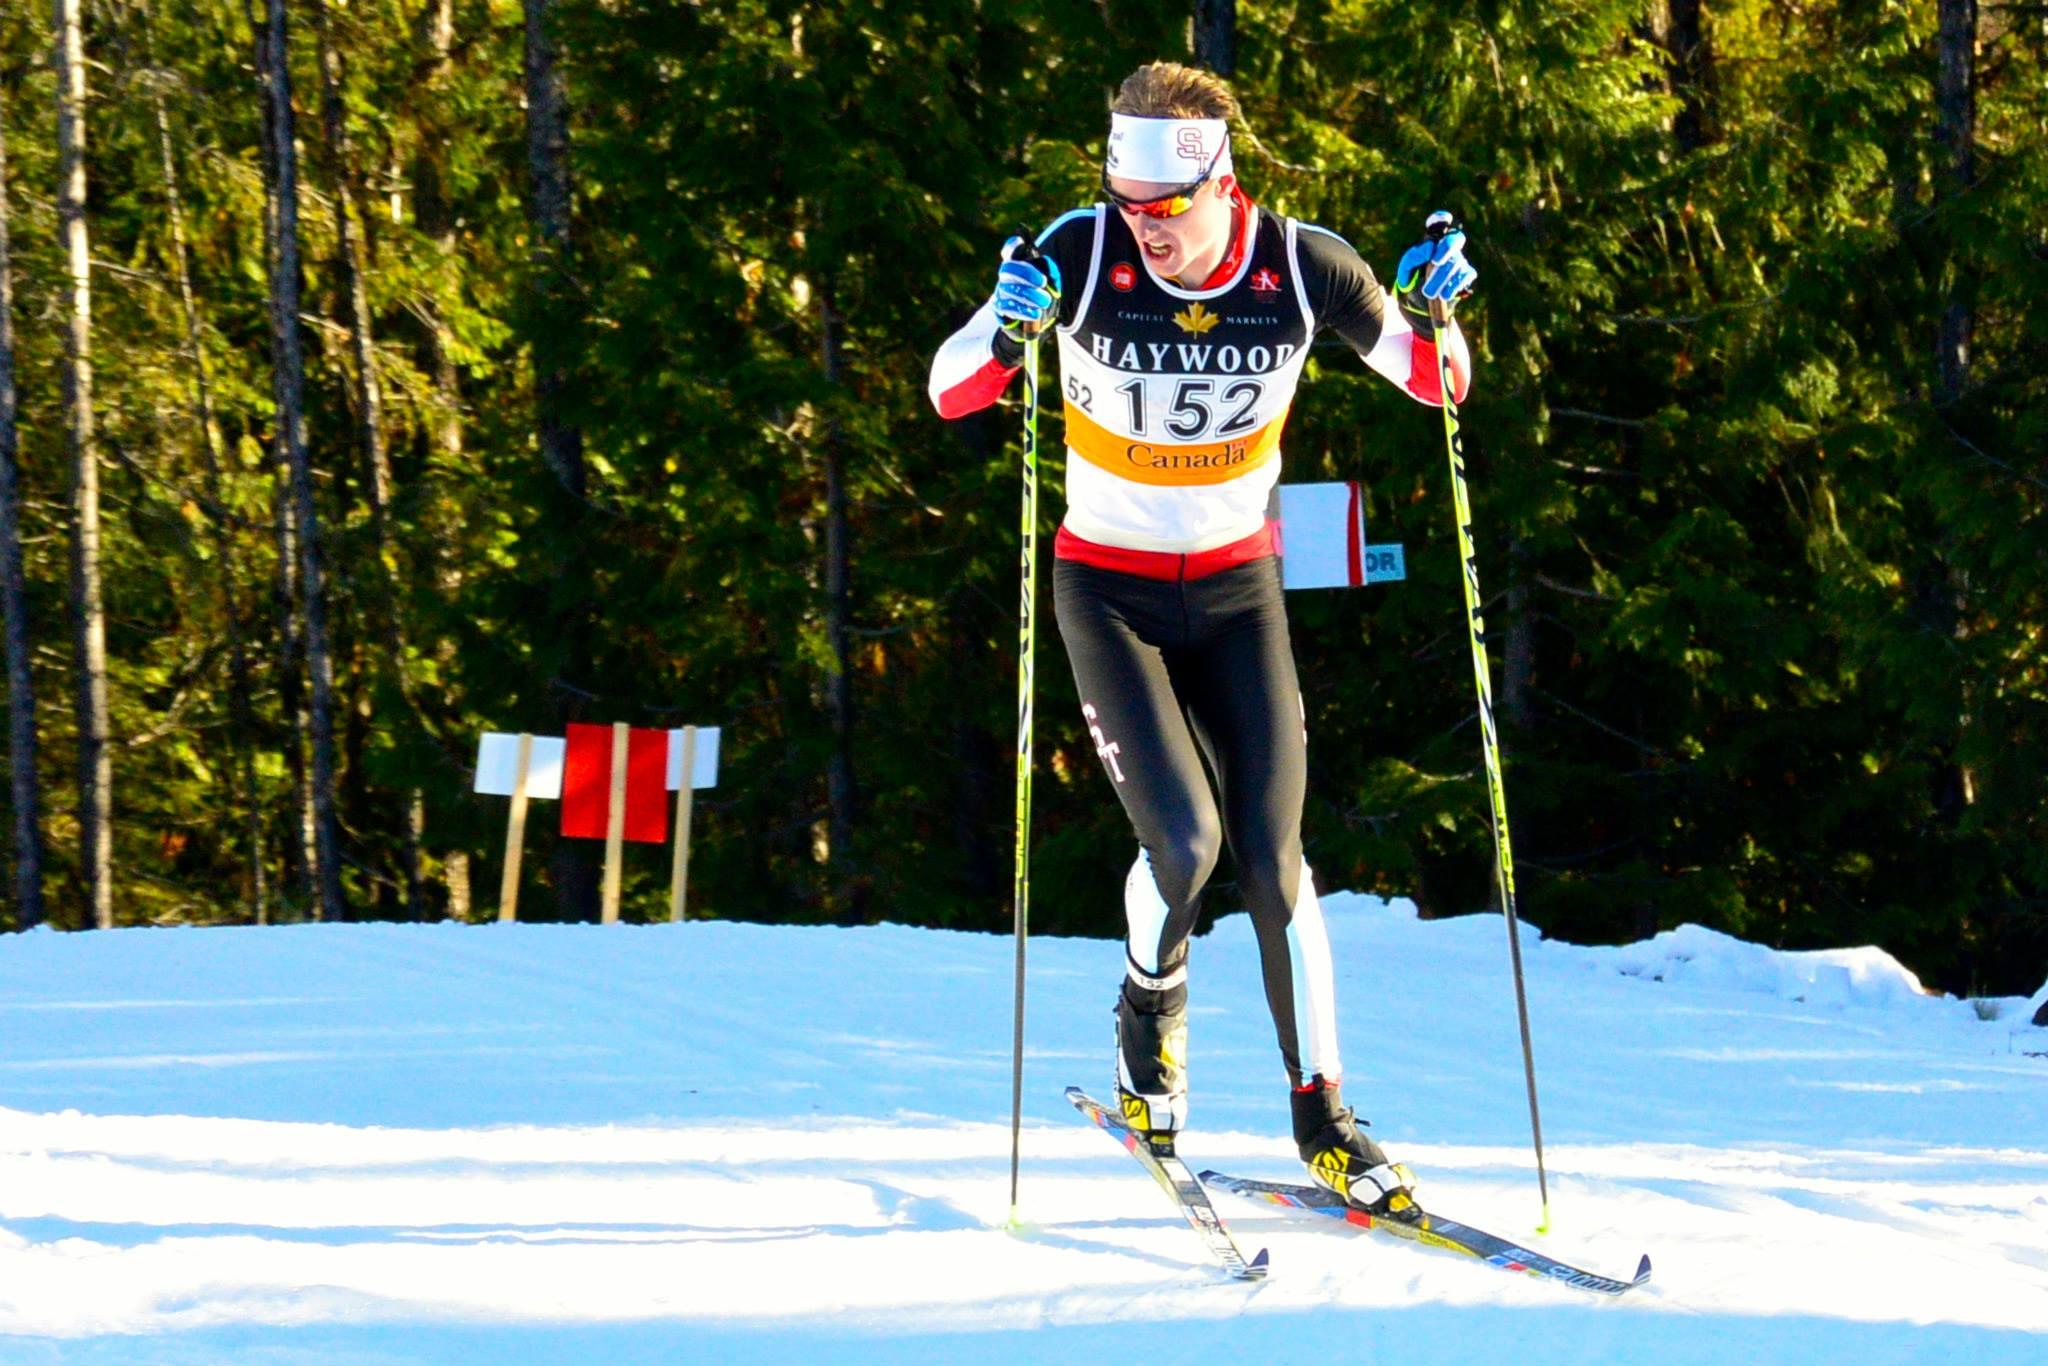 15km Classic in Rossland